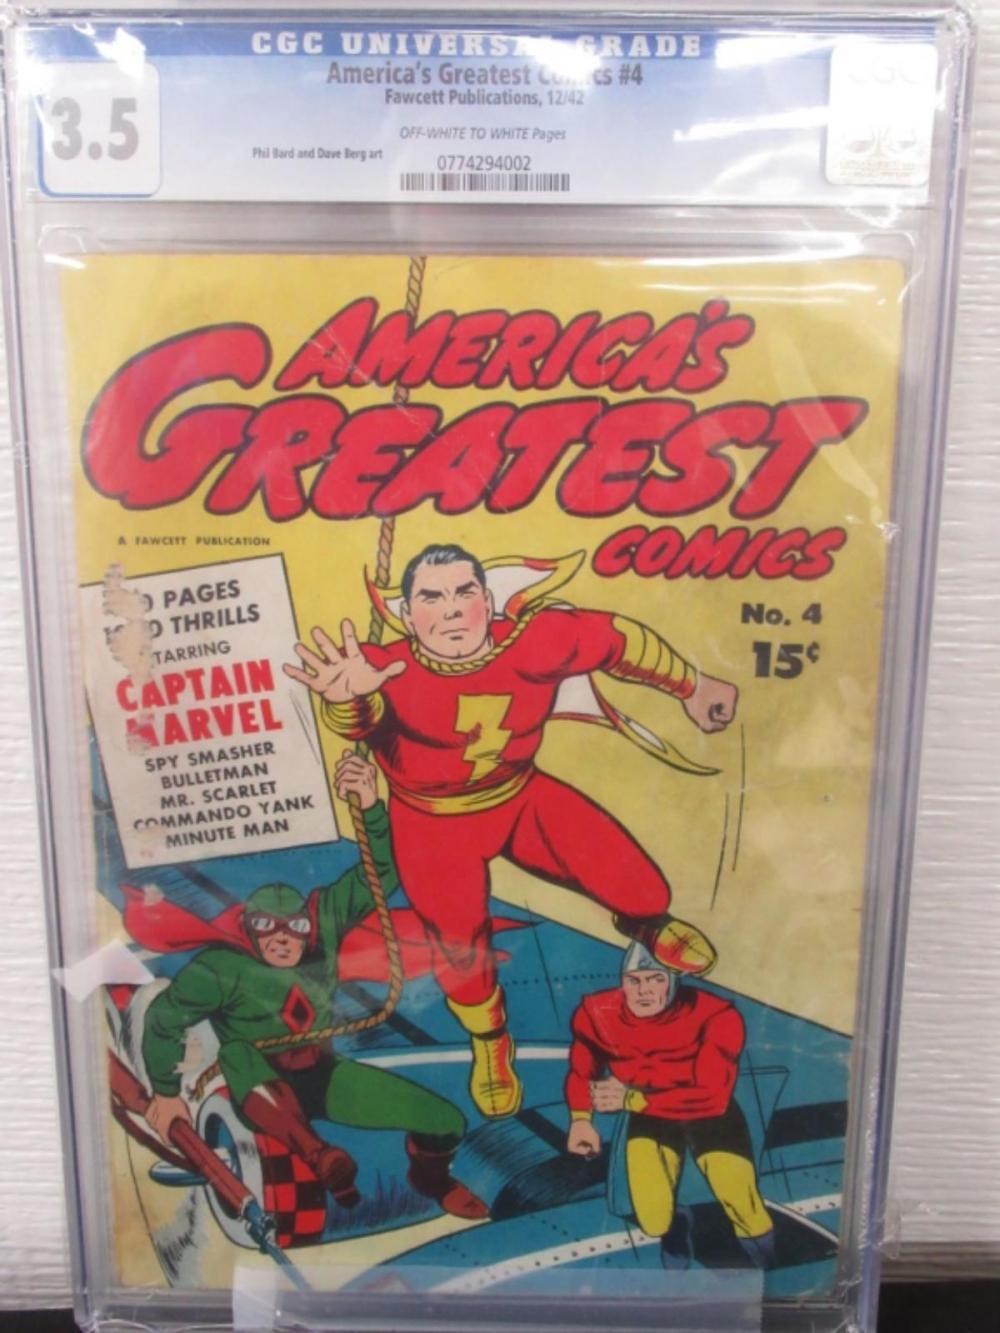 America's Greatest Comics #4 CGC 3.5